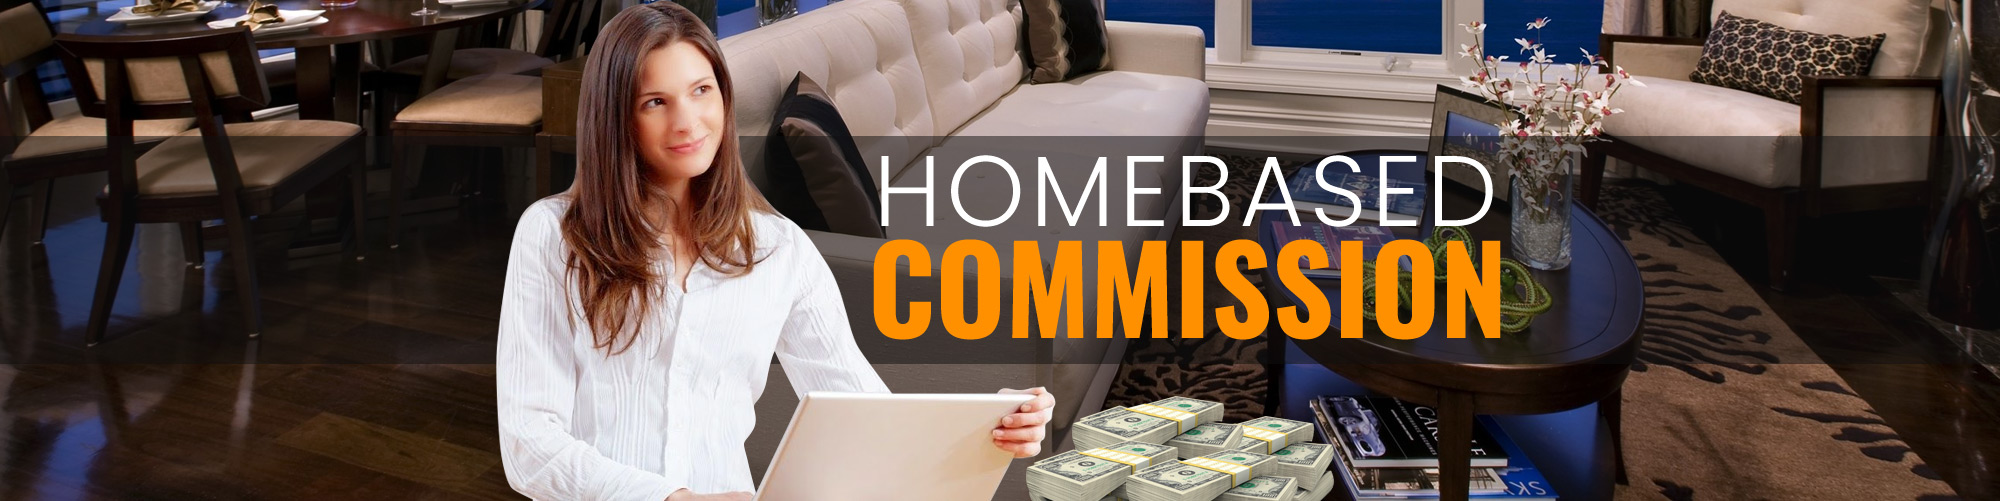 http://homebasedcommission.com/images/header.jpg